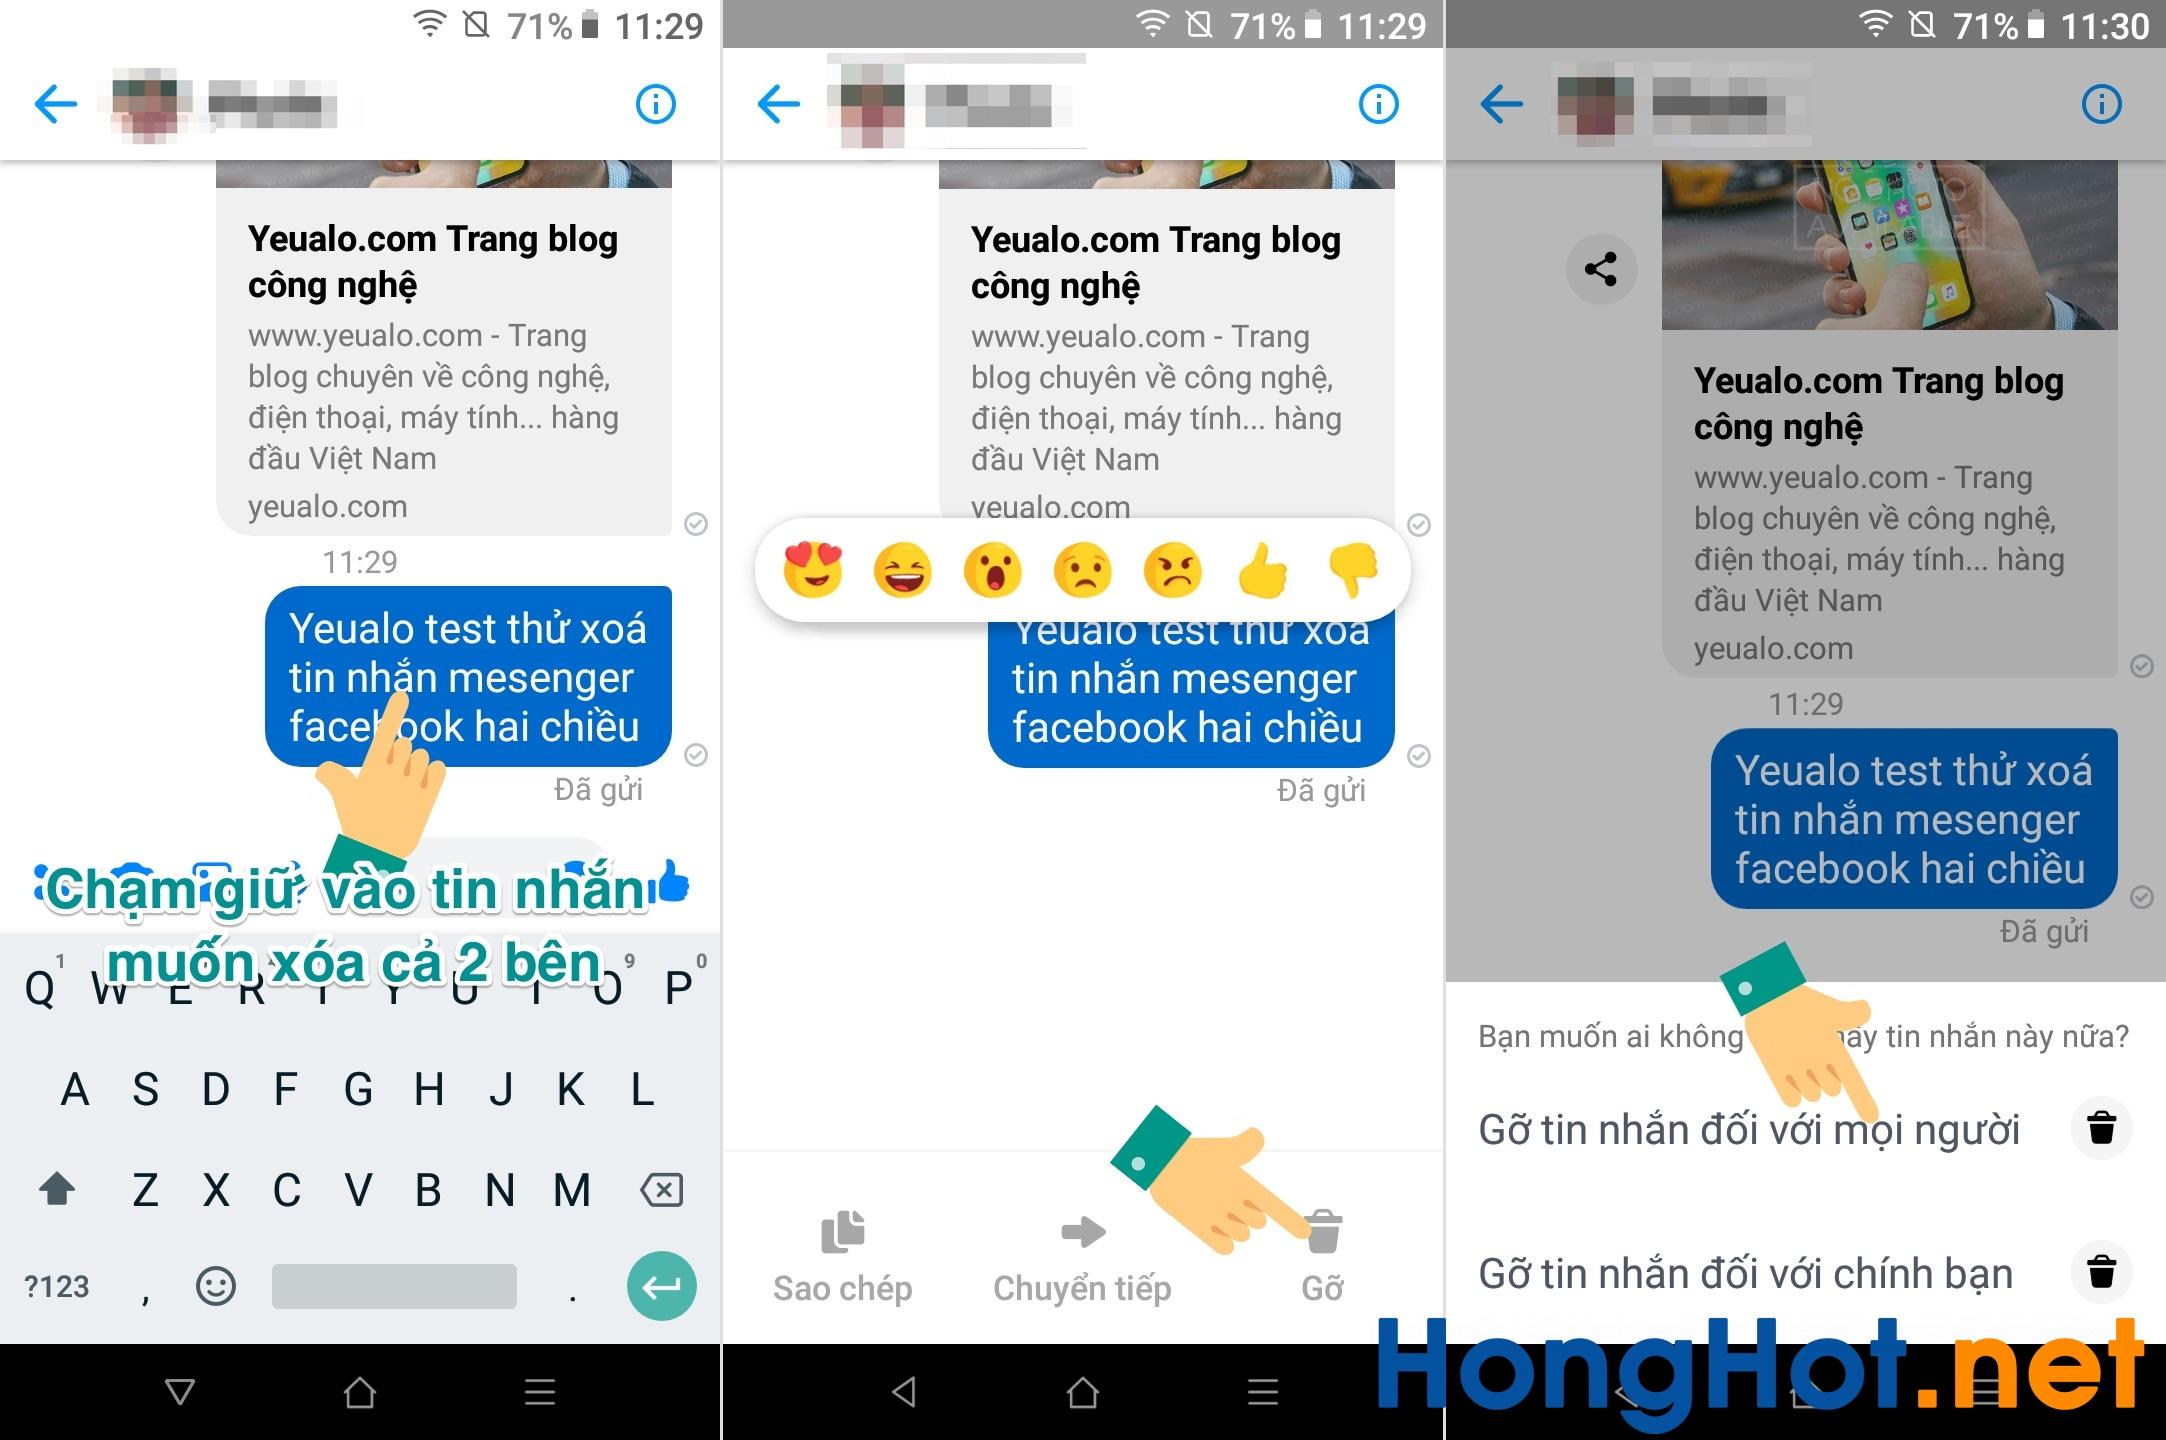 Cách xóa tin nhắn Messenger cả 2 bên trên điện thoại